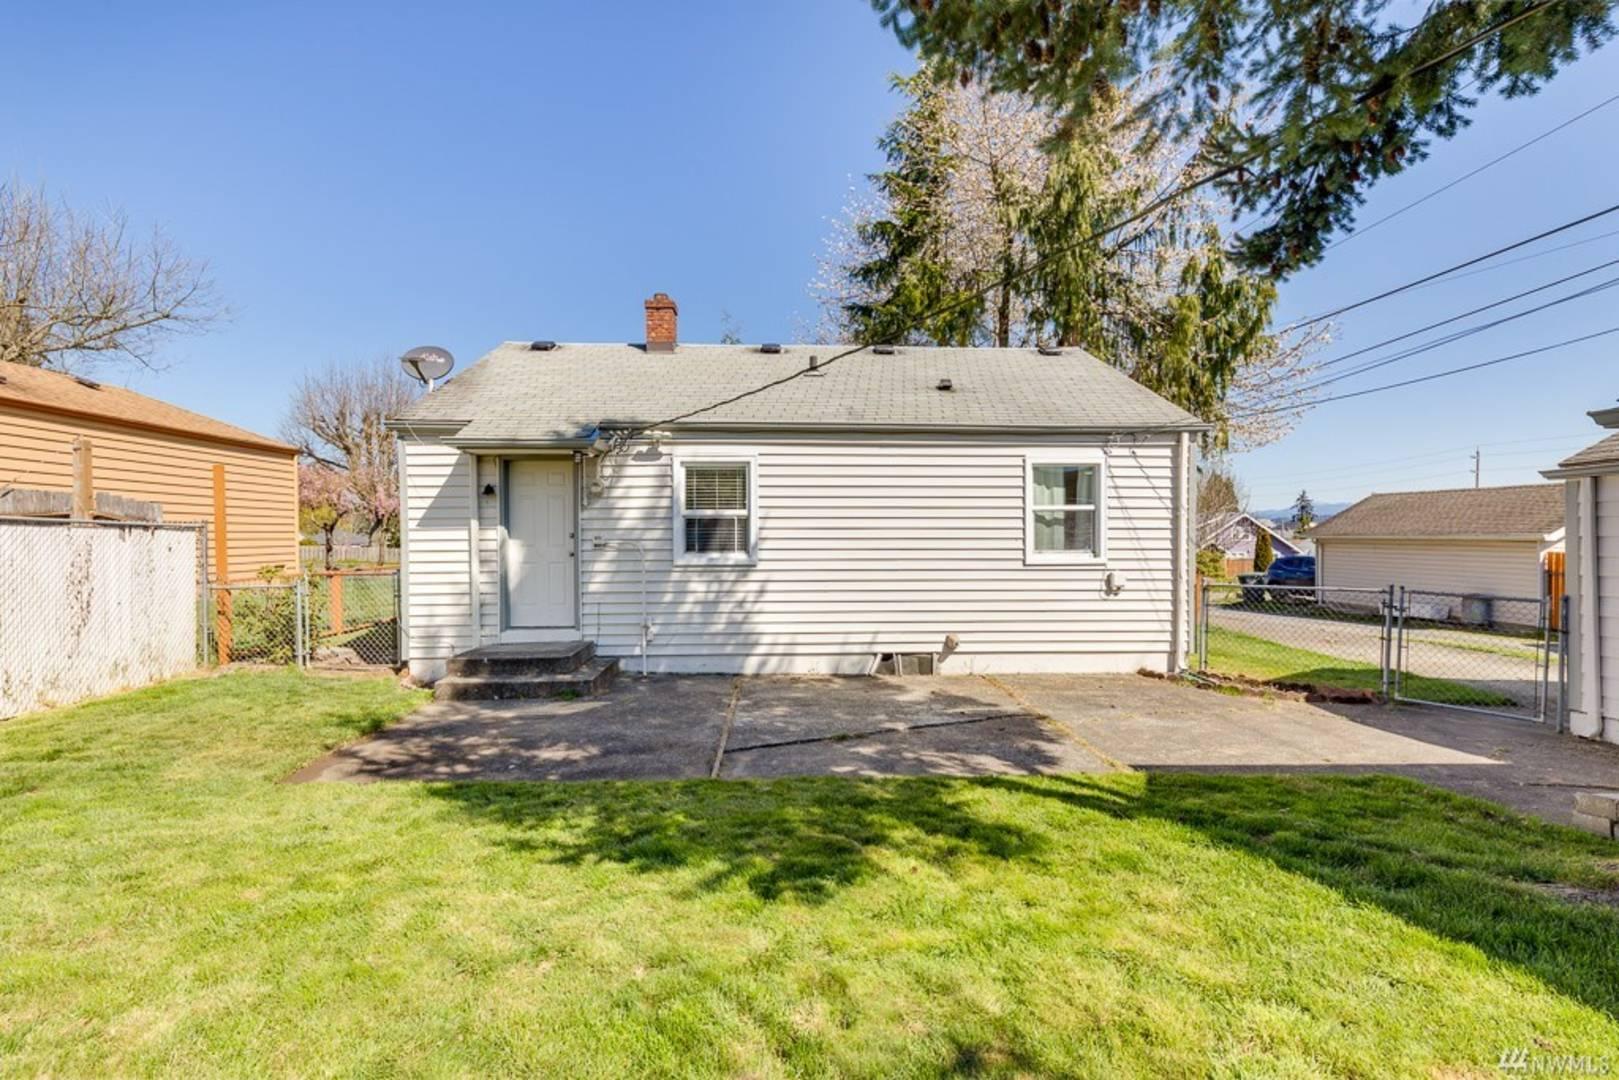 3008 18th St, Everett, WA 98201